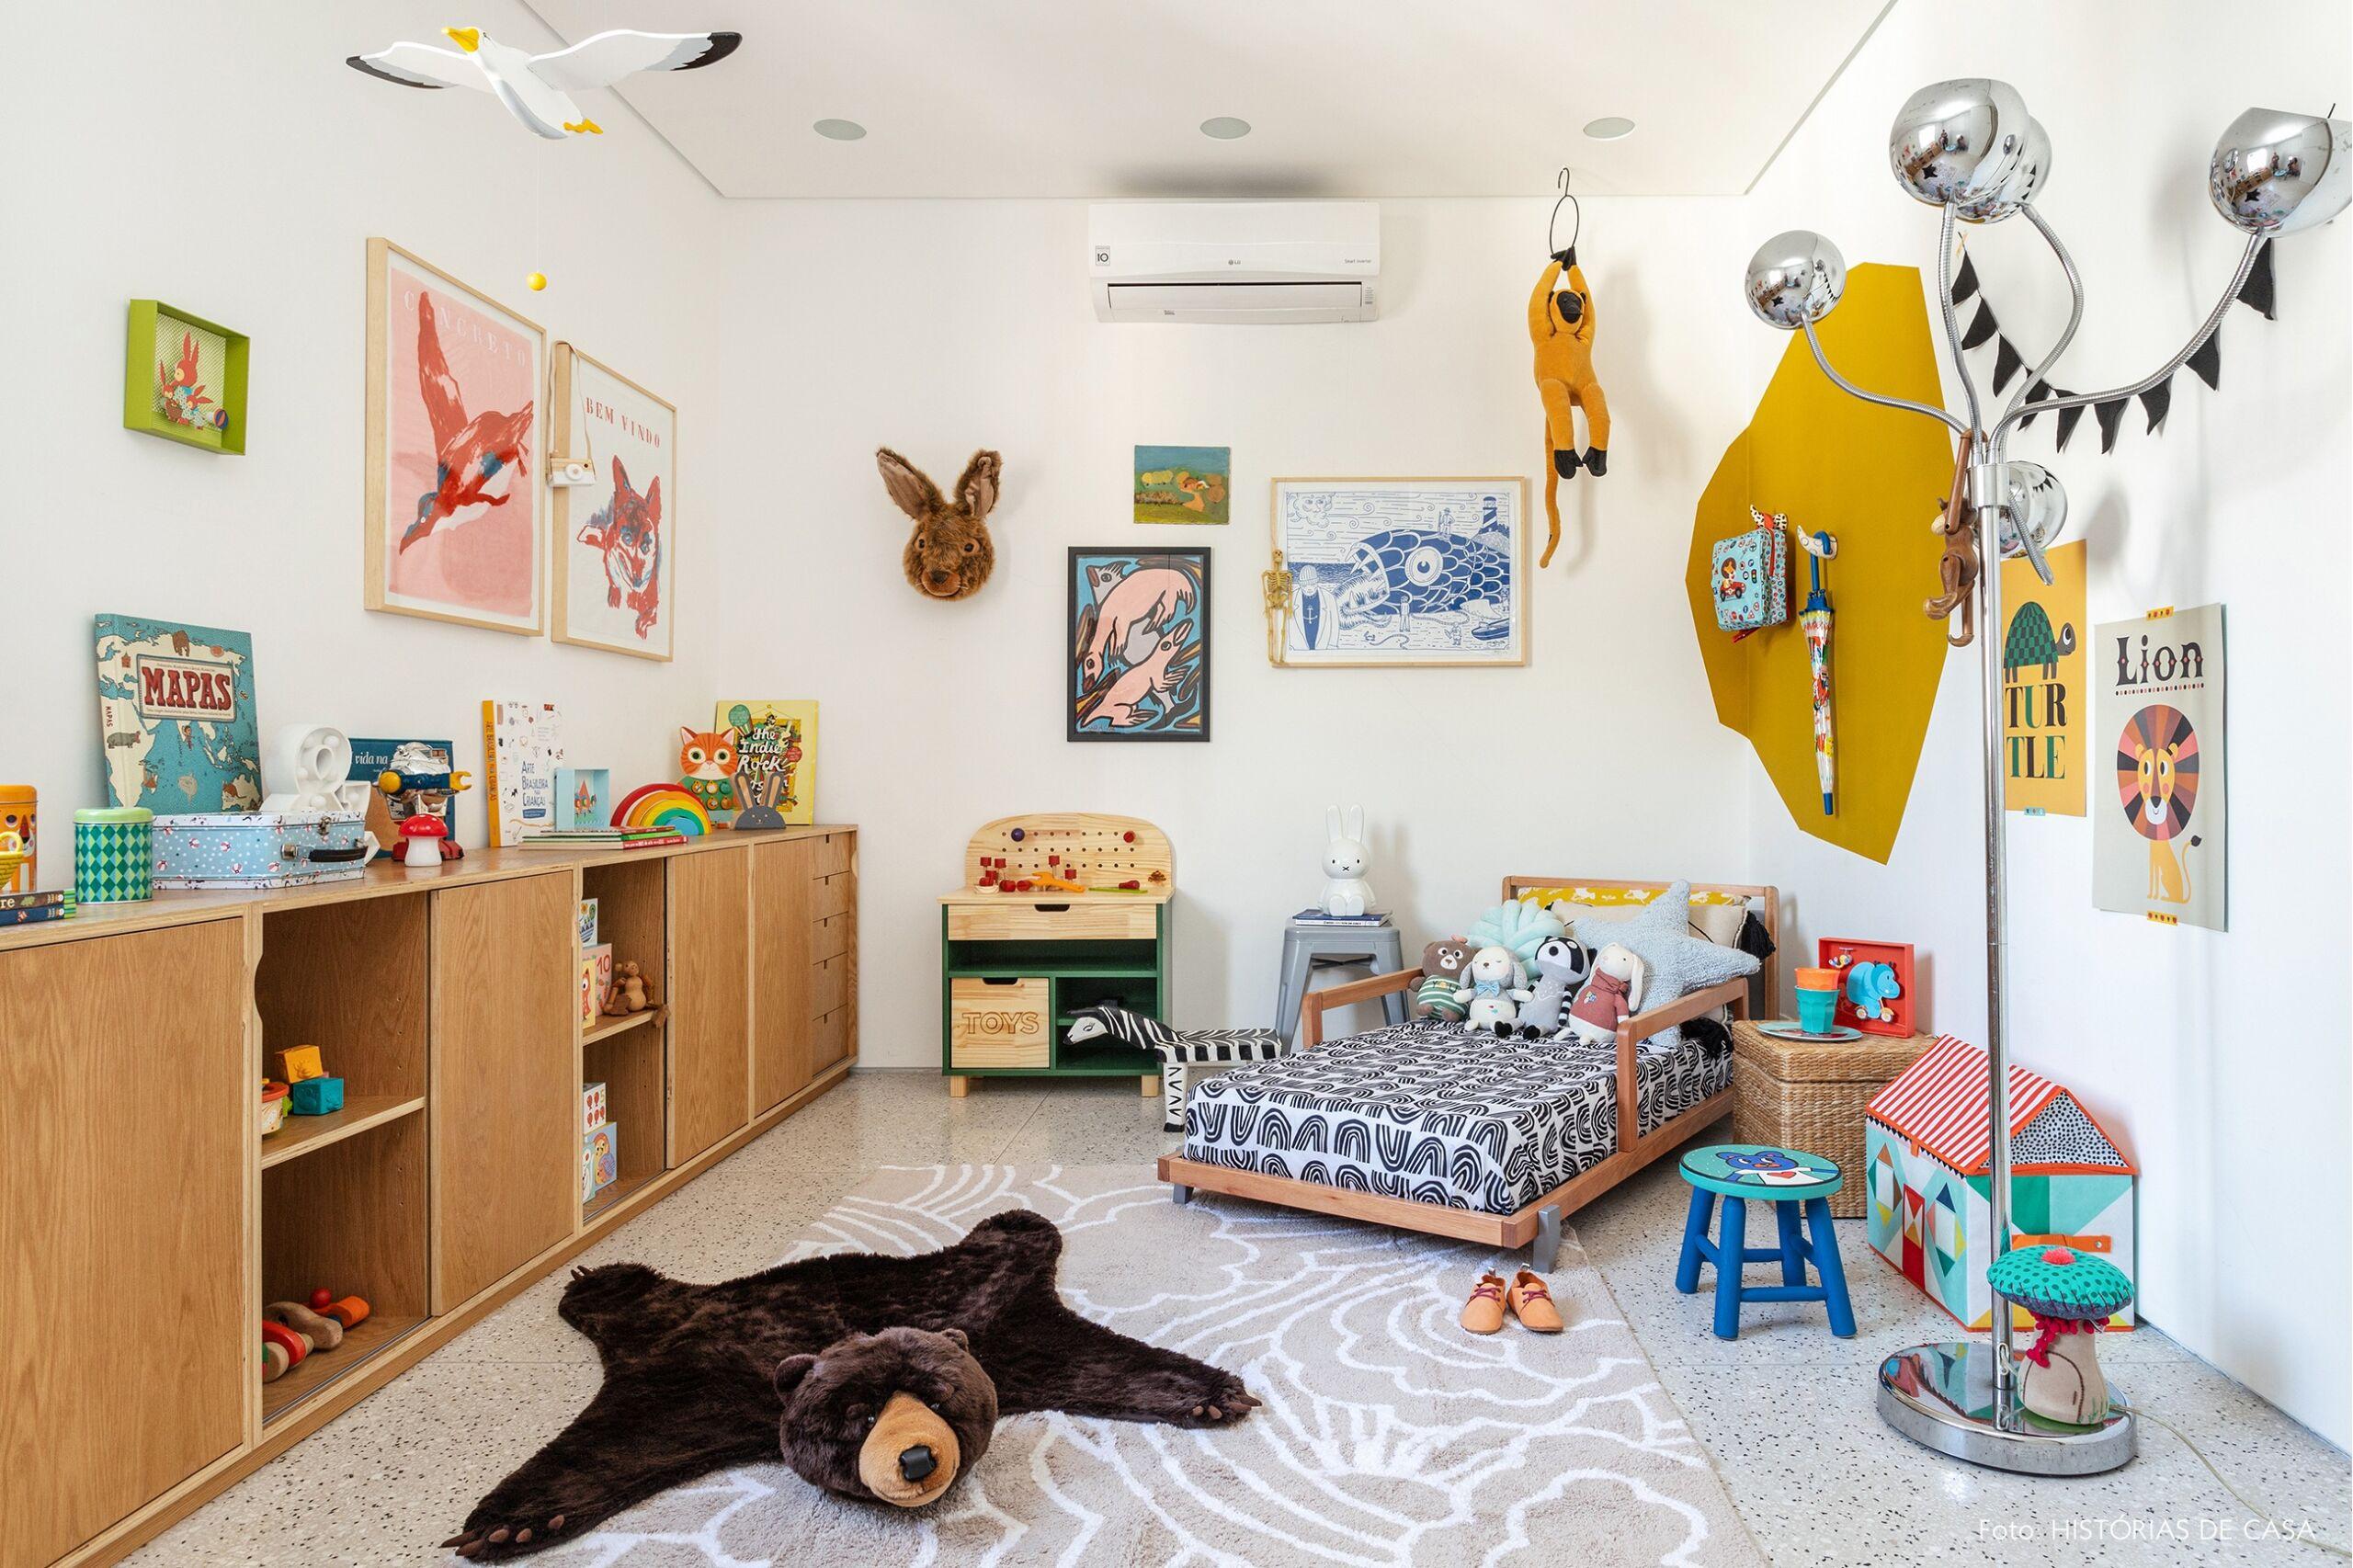 quarto infantil colorido tapete urso oficina criança madeira cesto